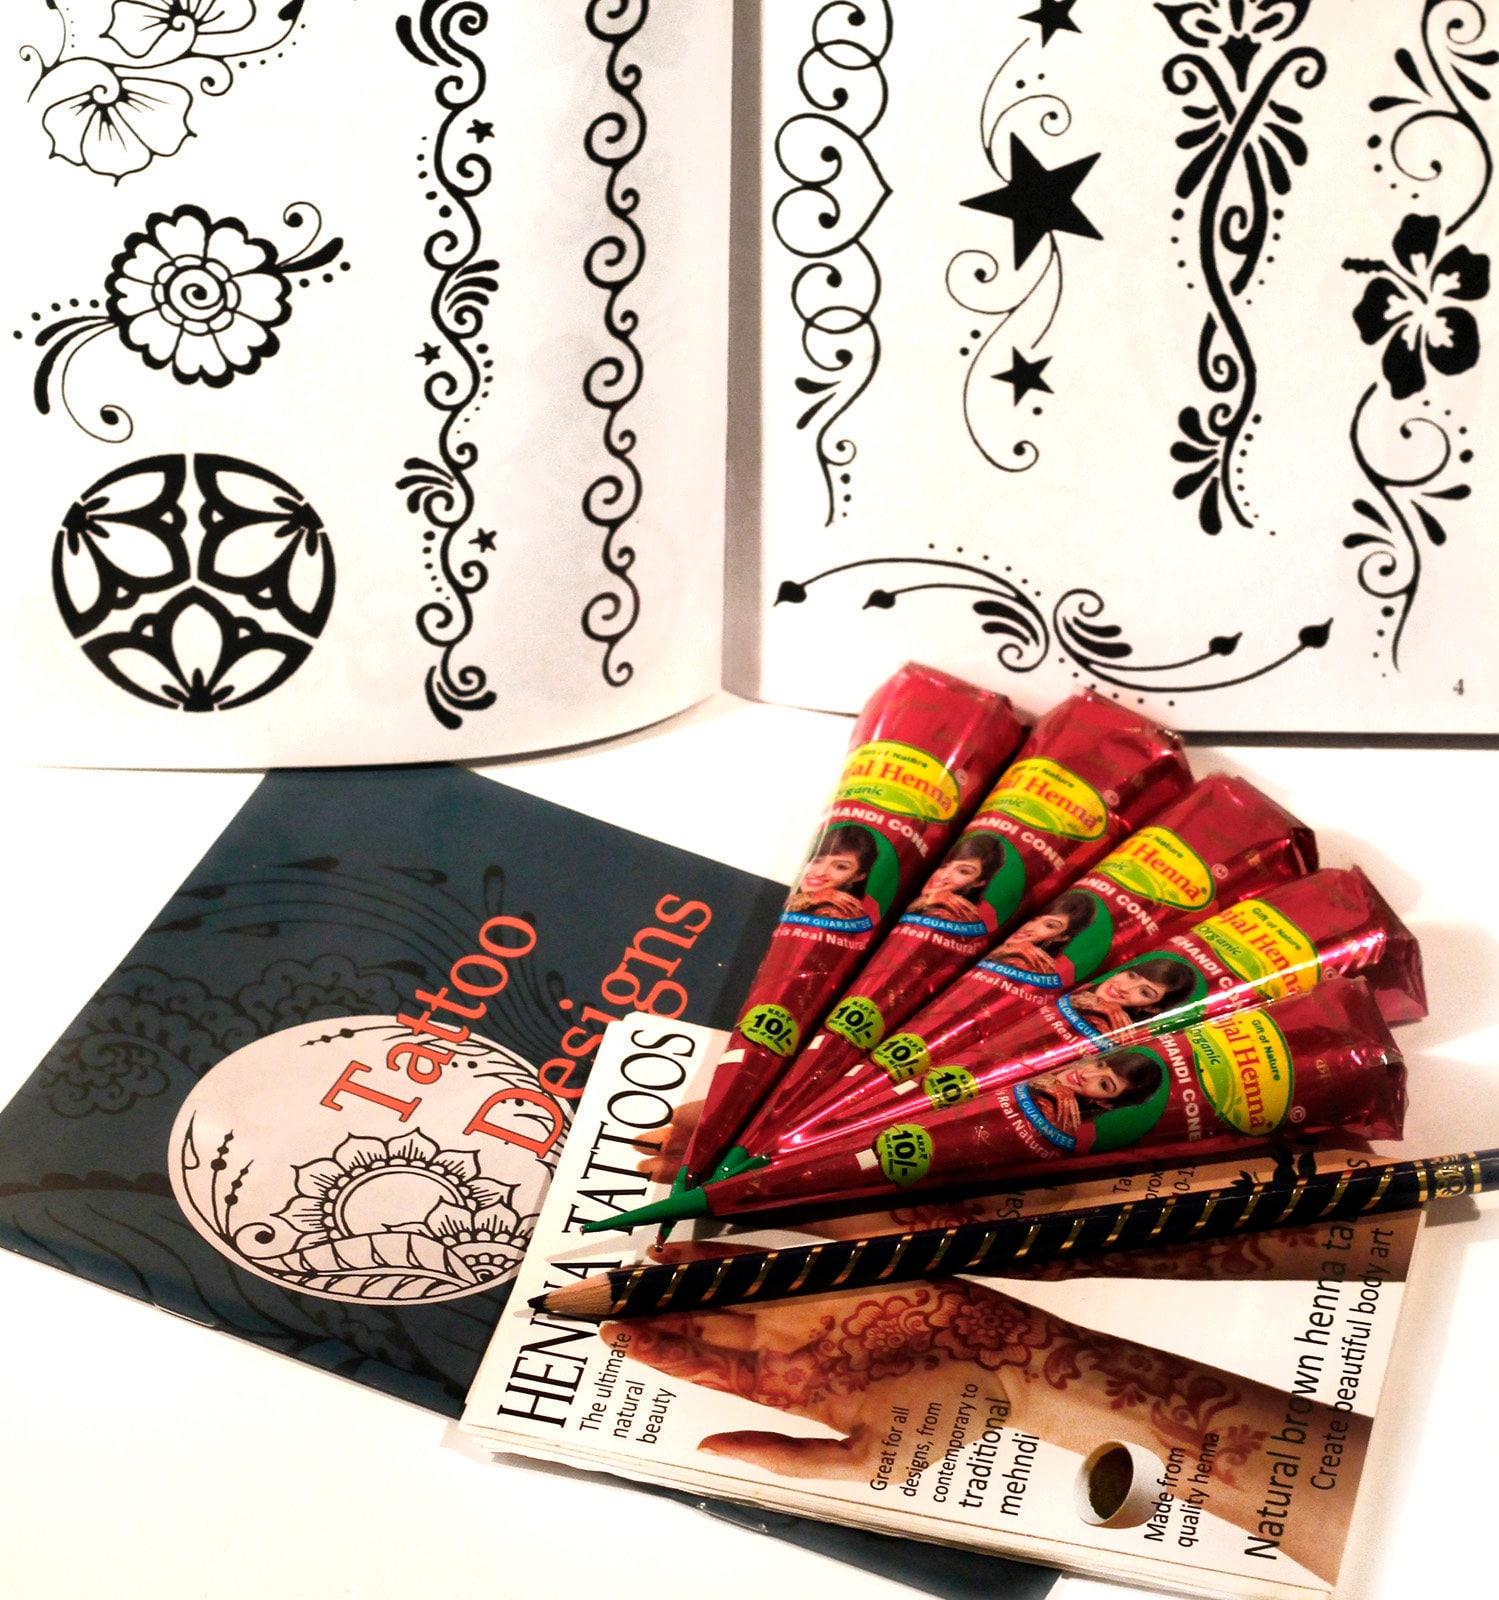 Waar Henna Tattoo Kopen: Extra Grote Henna / Mehndi Tattoo Kit 5 Biologische Henna